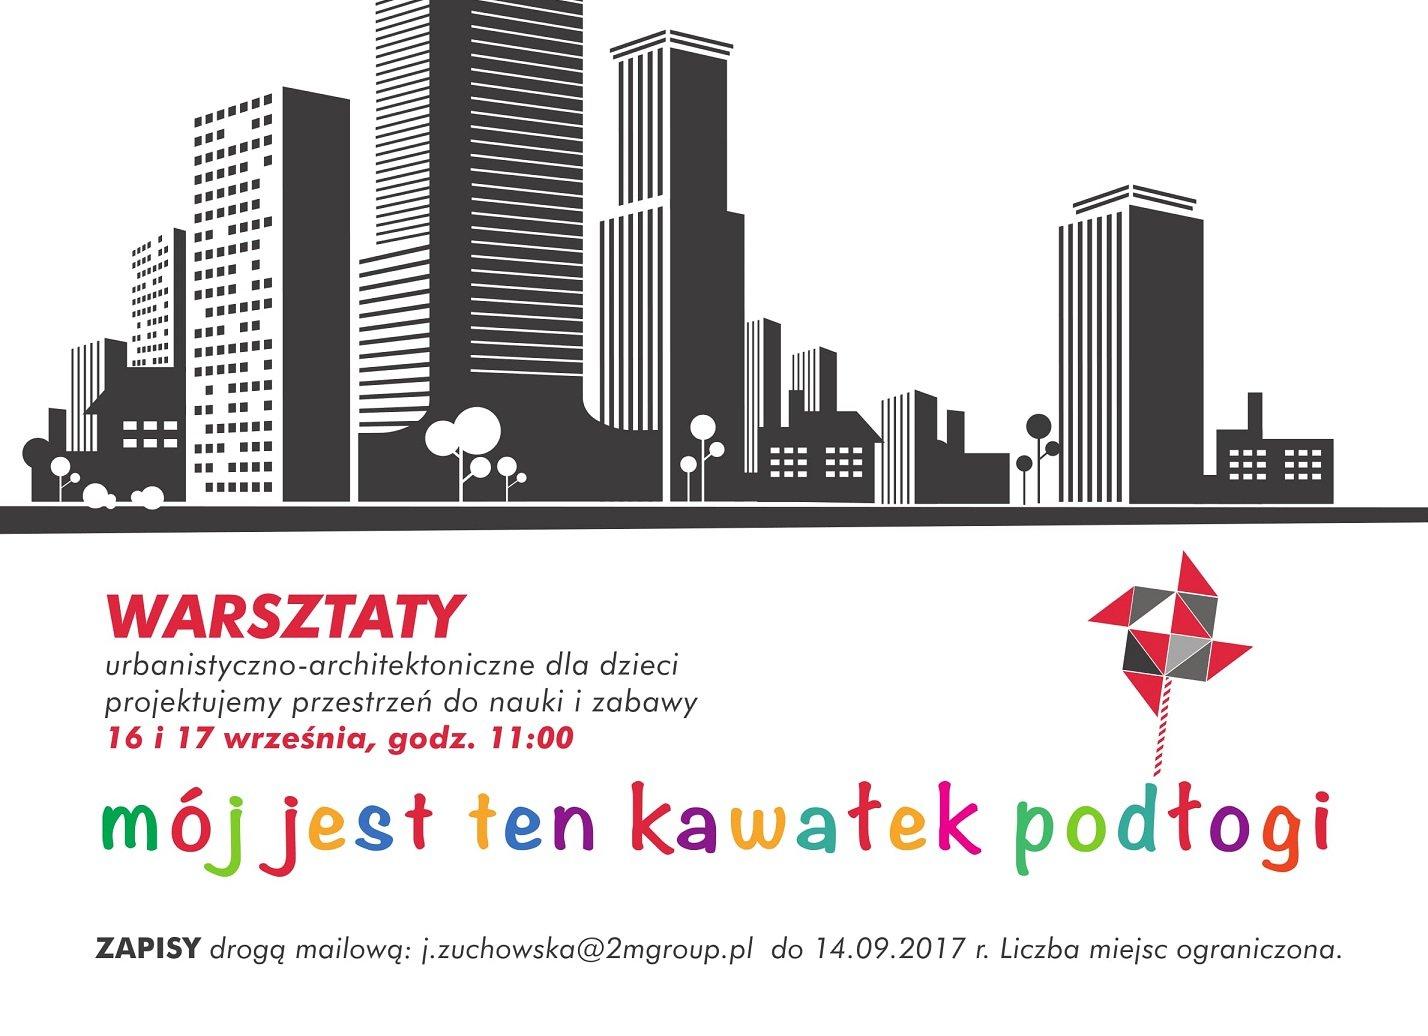 warsztaty architektoniczne gdańsk